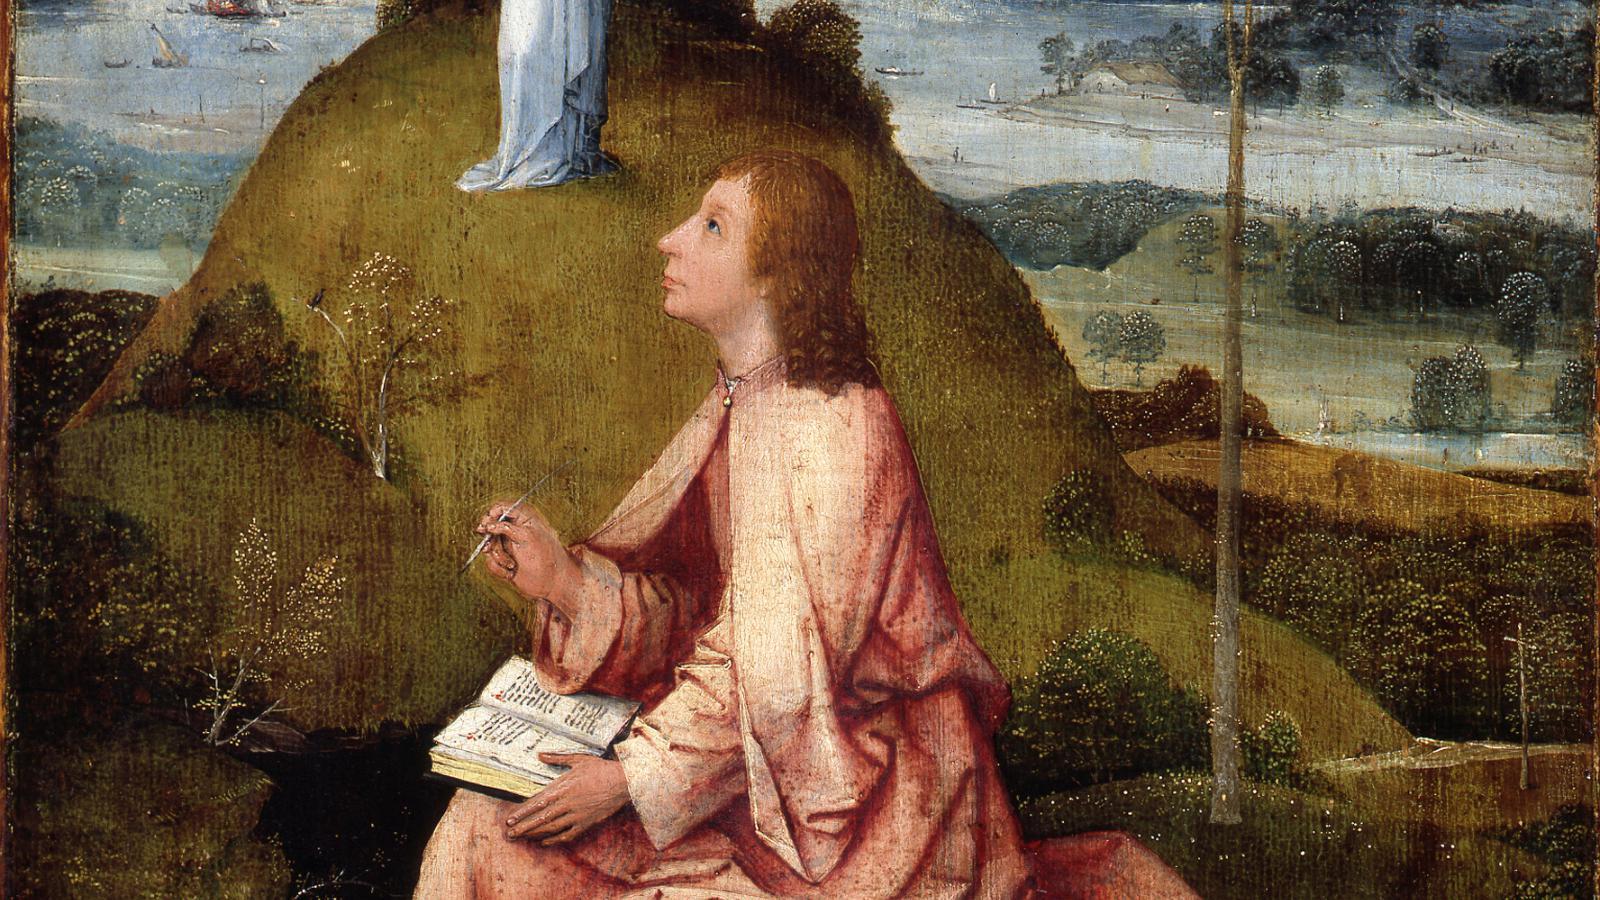 Hieronymus Bosch / Jan z Patmu, kolem r. 1500